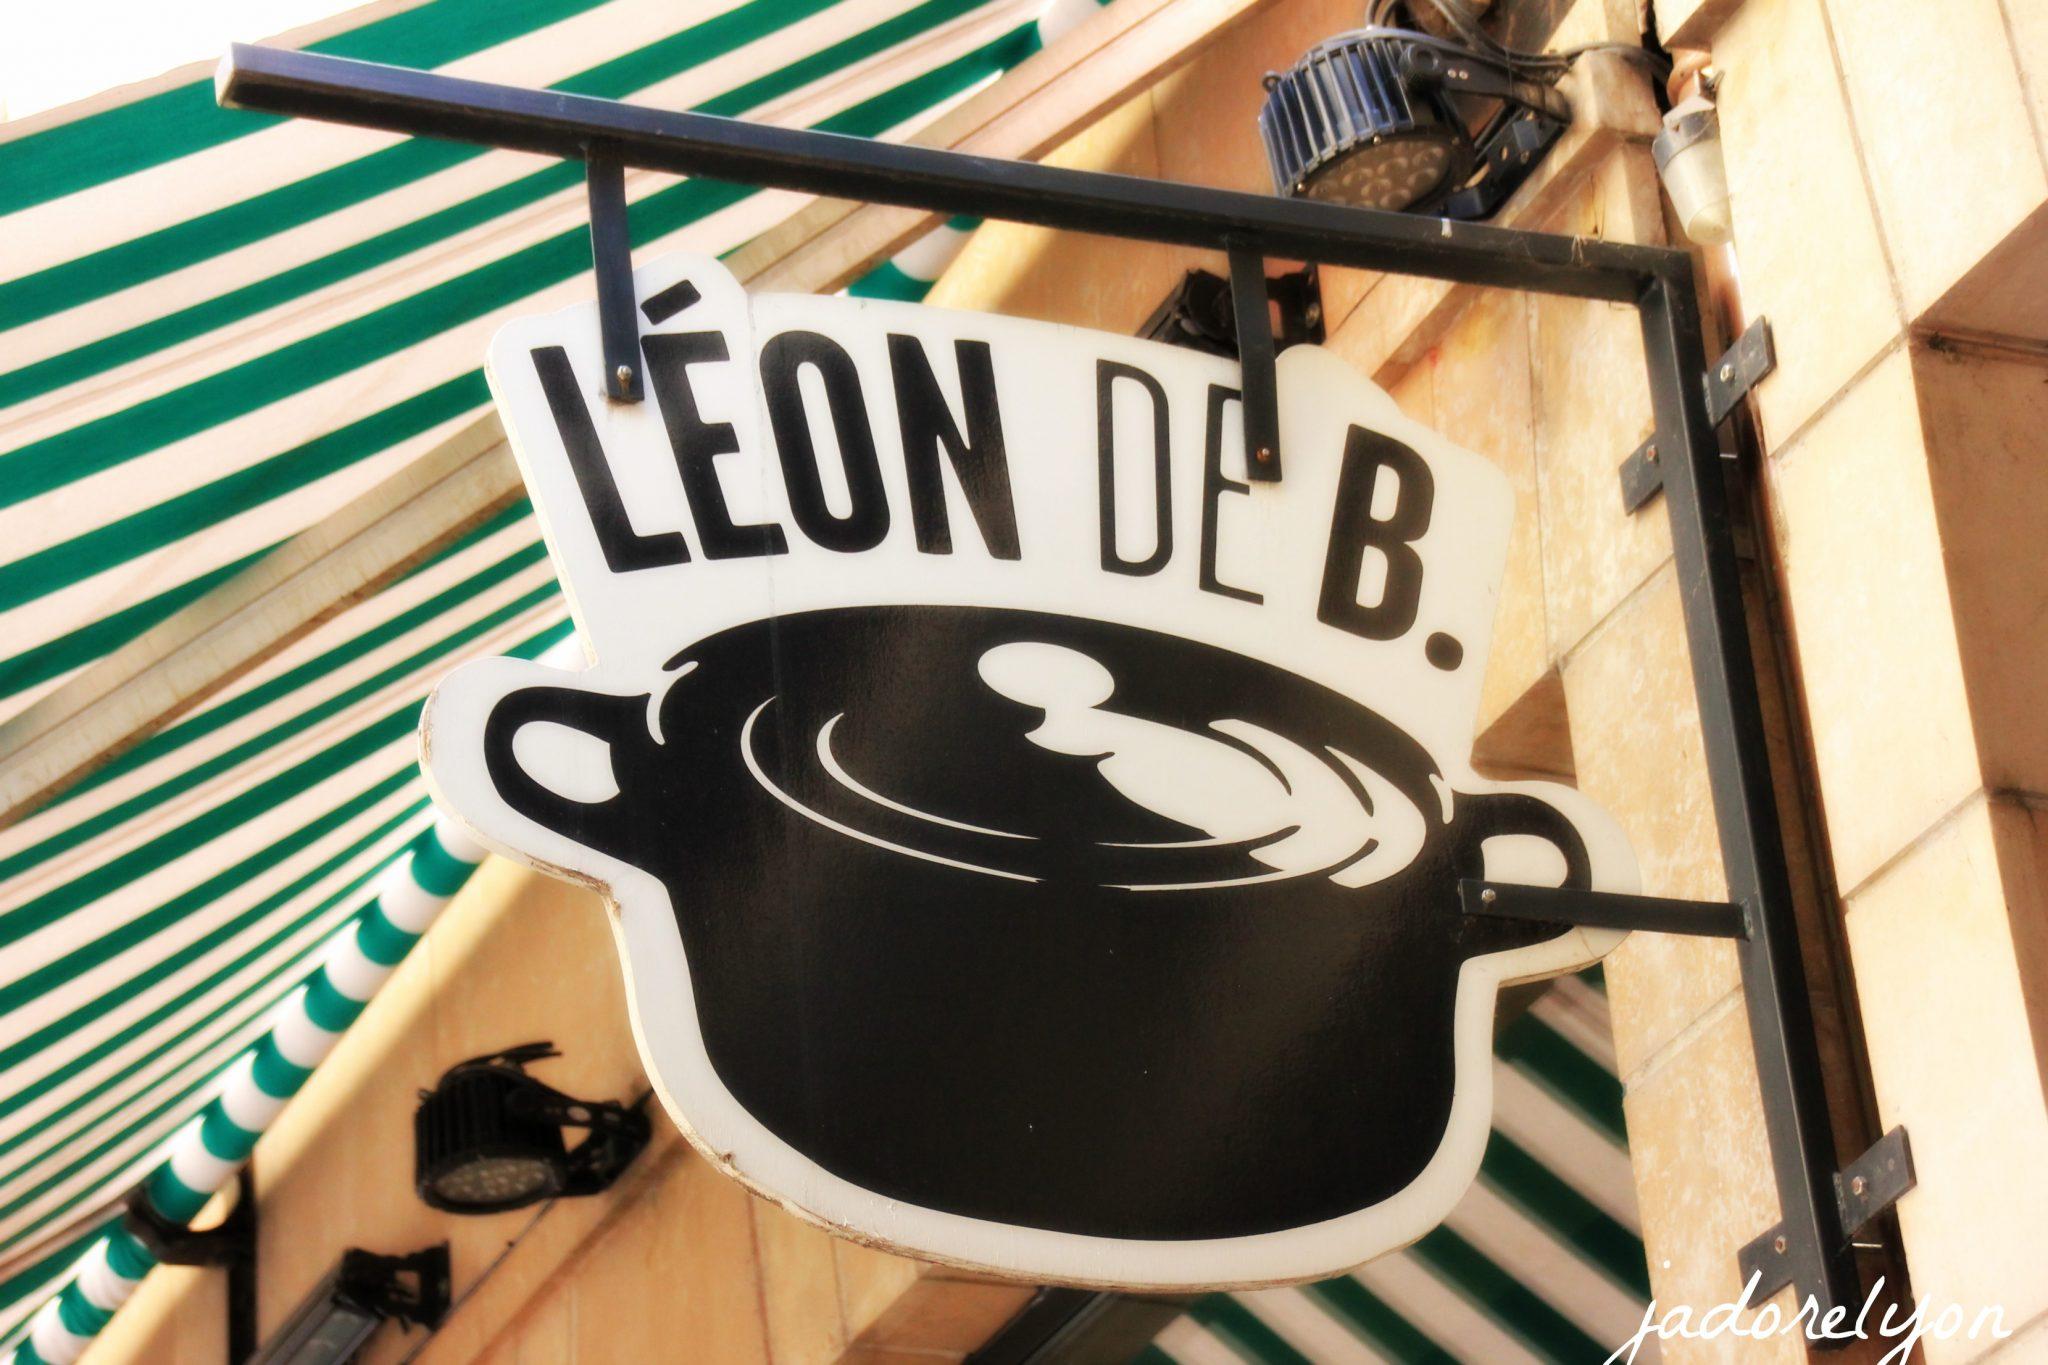 Leon de B in Lyon